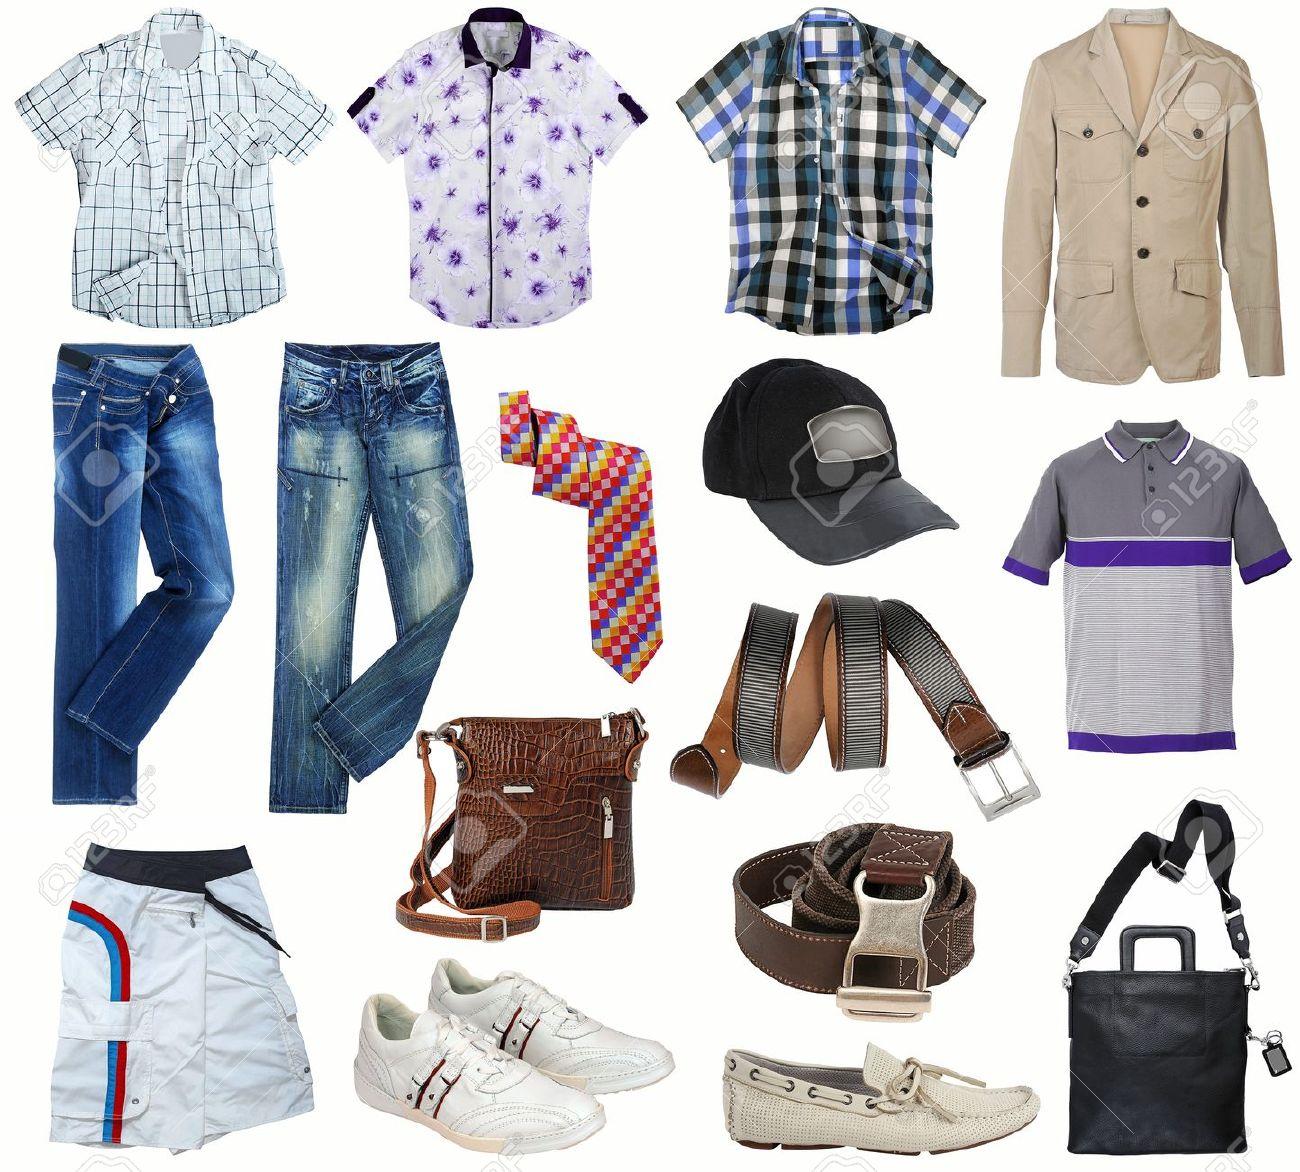 1a16e9f1a9 Colección de ropa masculina aislado en blanco Foto de archivo - 16885449